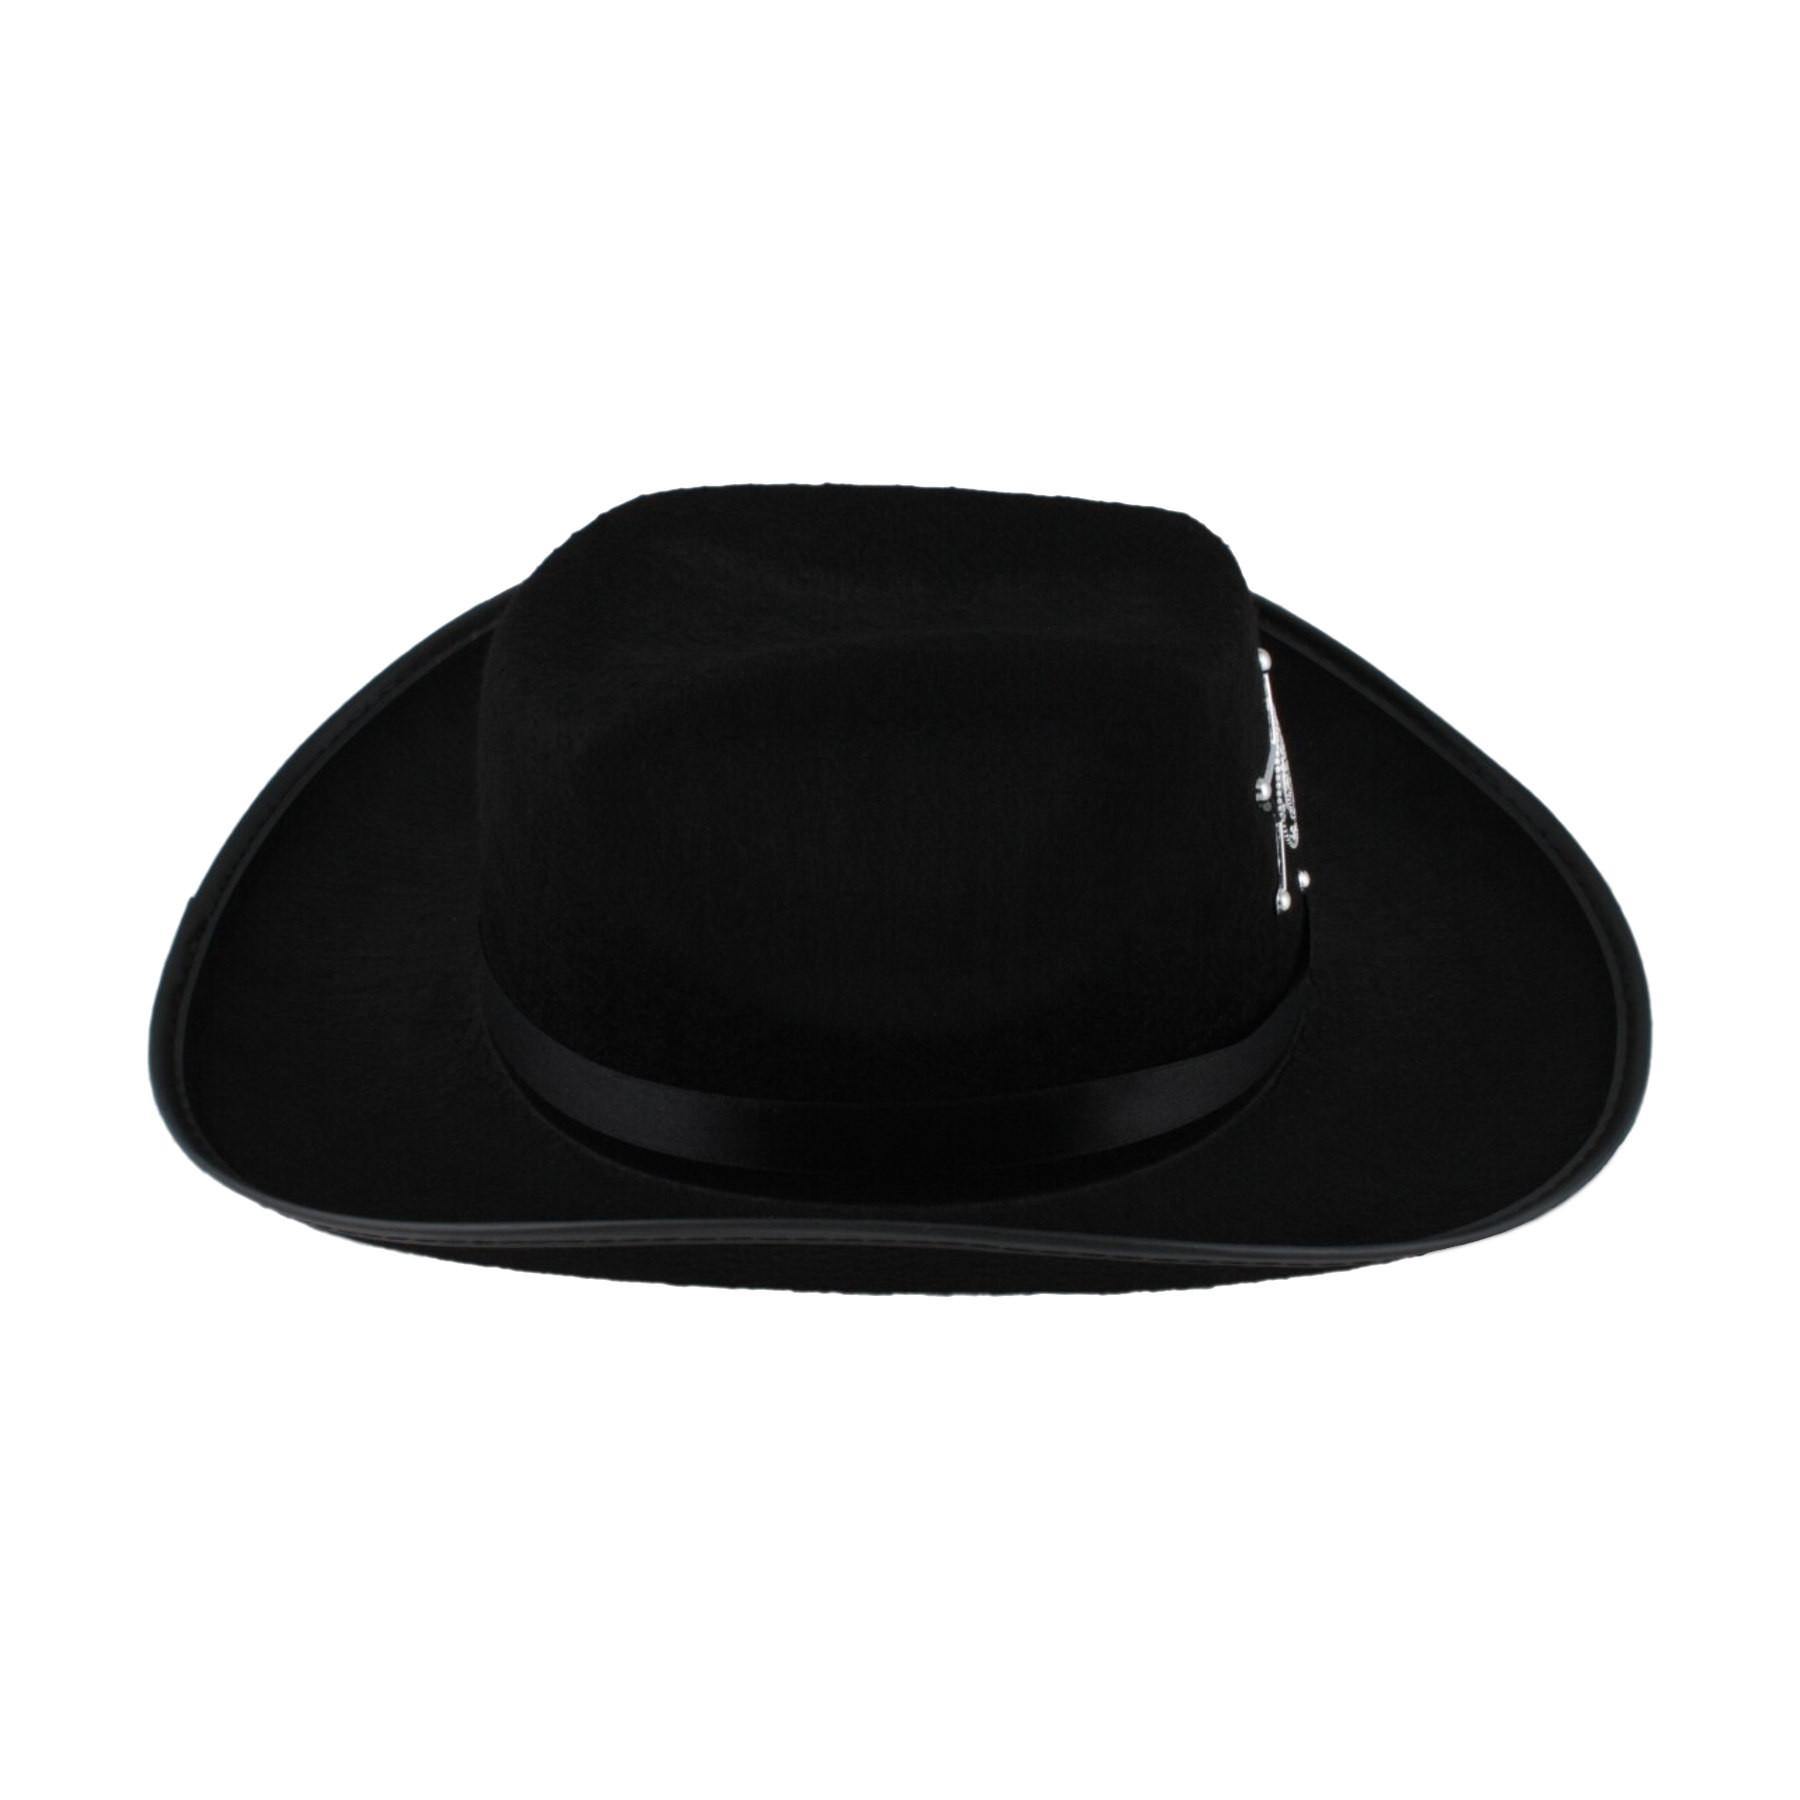 Más vistas. Sombrero vaquero sheriff negro ... be1f5b651fb